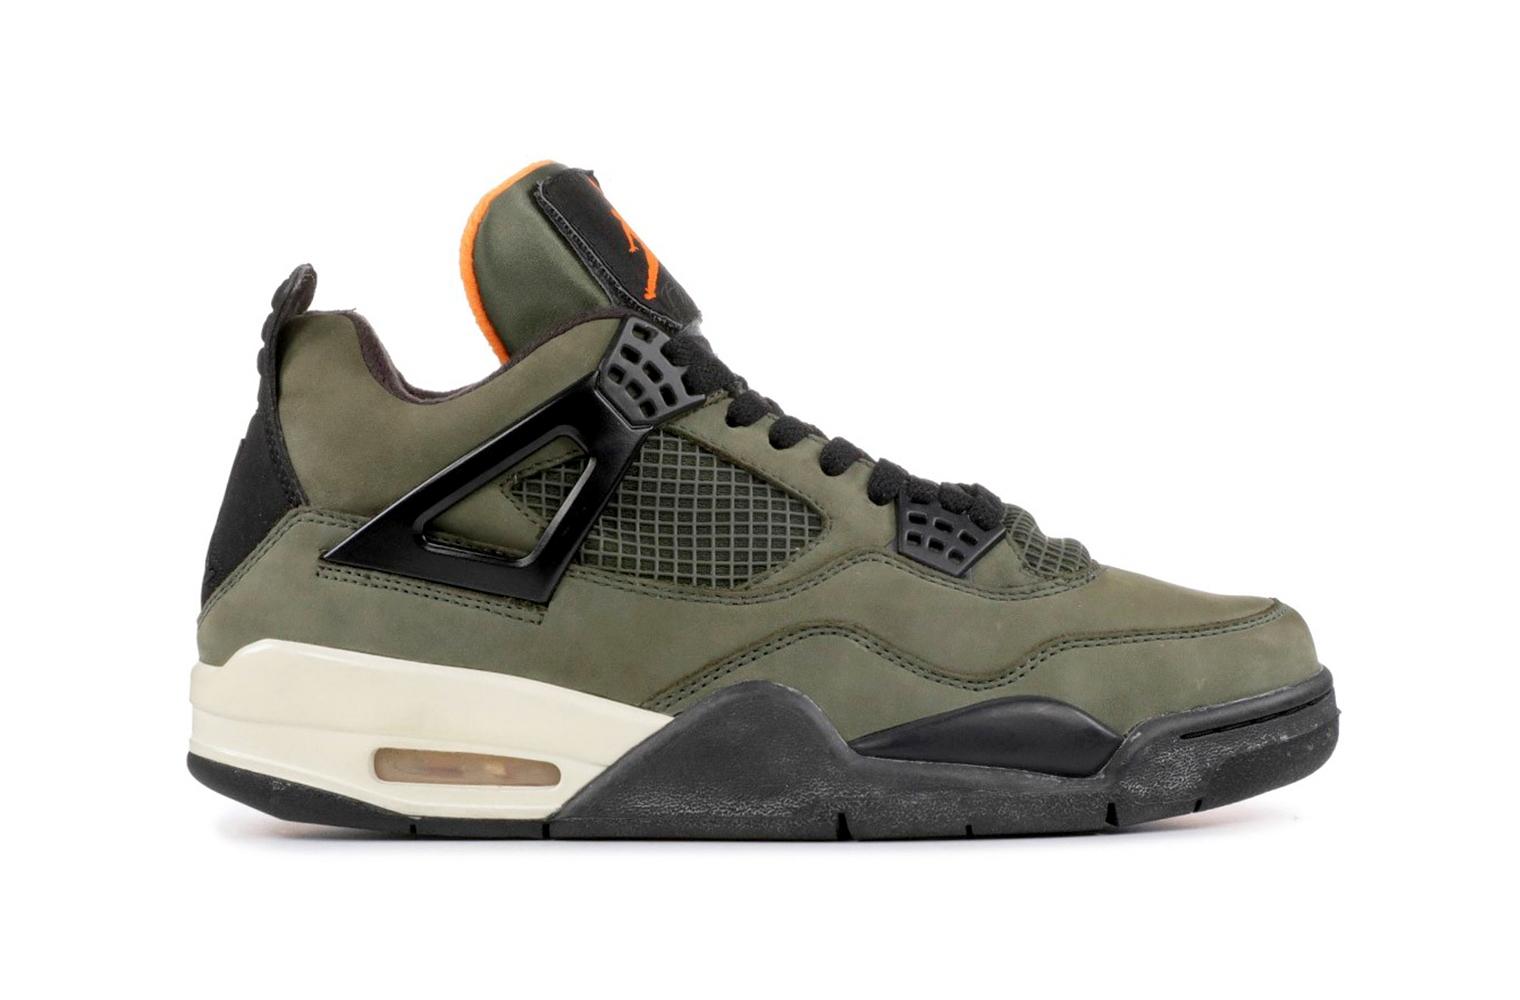 Самые дорогие кроссовки в мире – UNDFTD x Nike Air Jordan 4 Retro (10 место)